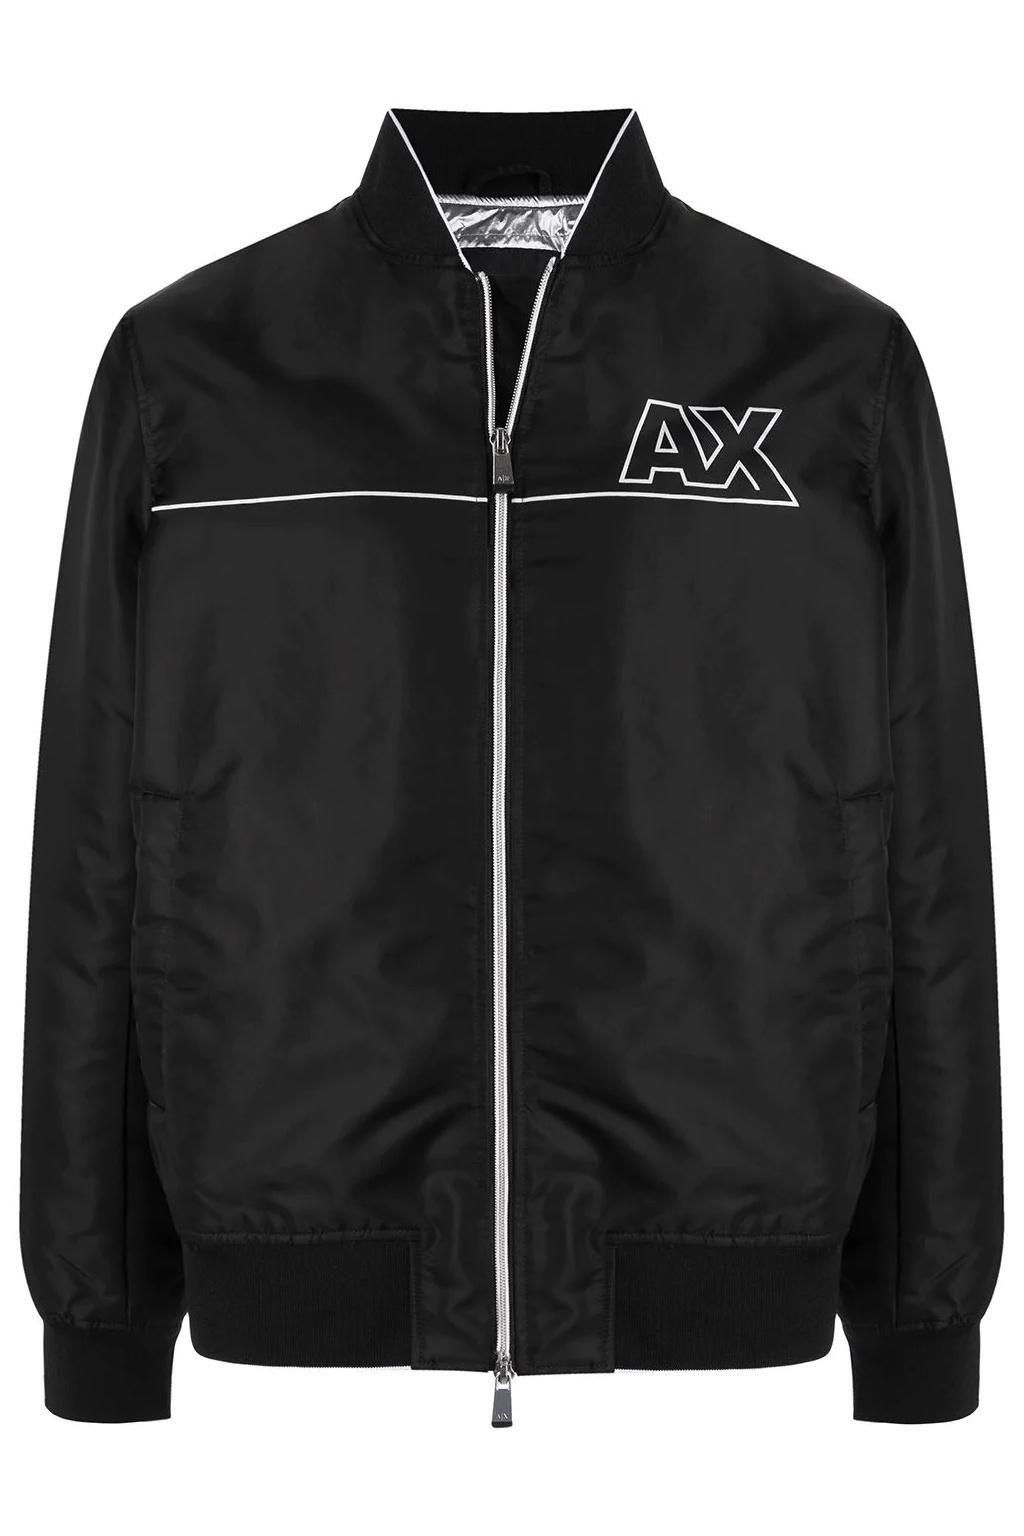 Pánská bunda Armani Exchange 6KZB28 ZNJWZ černá